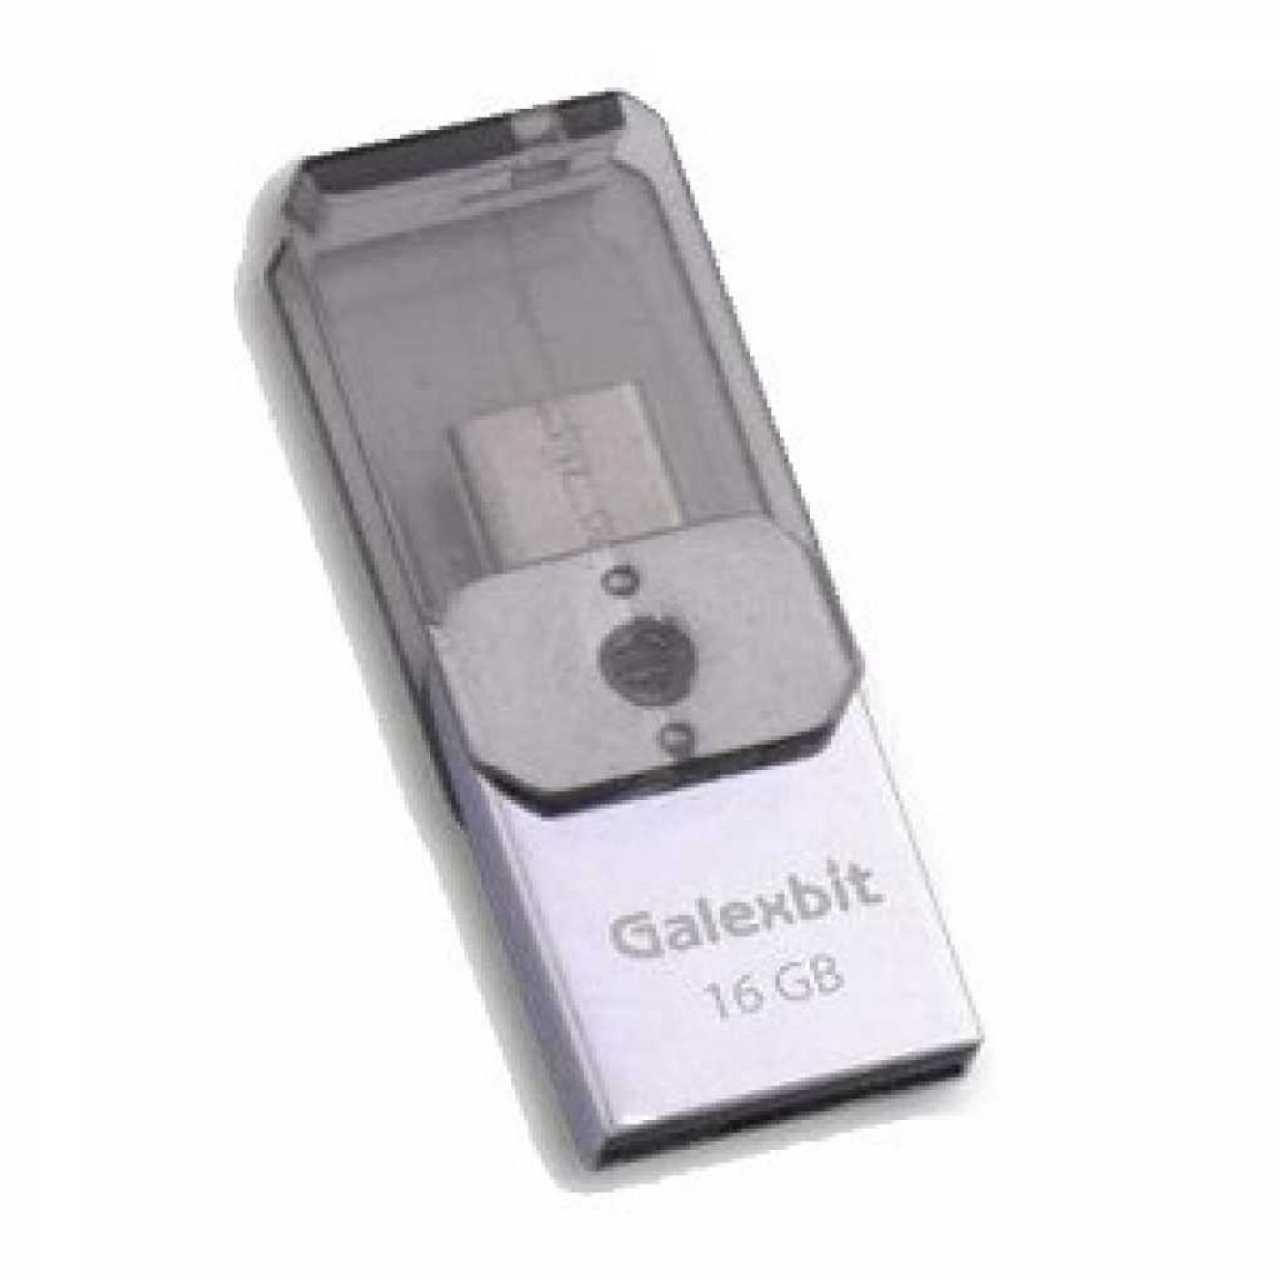 فلش مموری Galexbit  POKO OTG -8GB